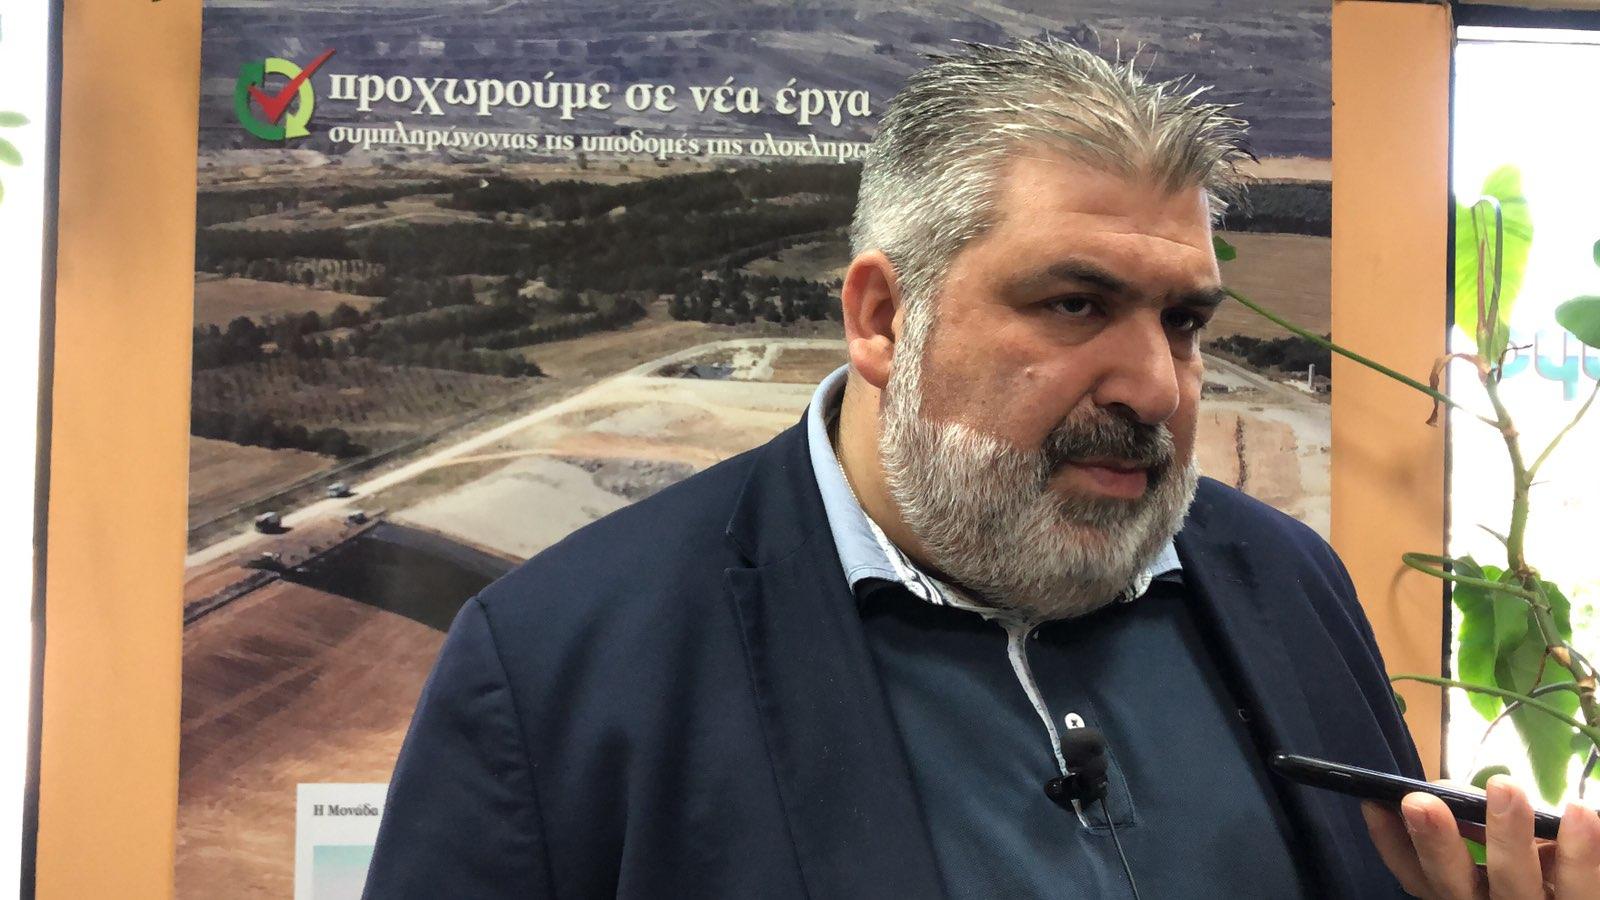 H επίσημη ανακοίνωση του Δήμου Εορδαίας που επιβεβαιώνει το αποκλειστικό ρεπορτάζ του kozan.gr για ΕΔΕ στο Δήμο Εορδαίας για διαχειριστική διαφορά